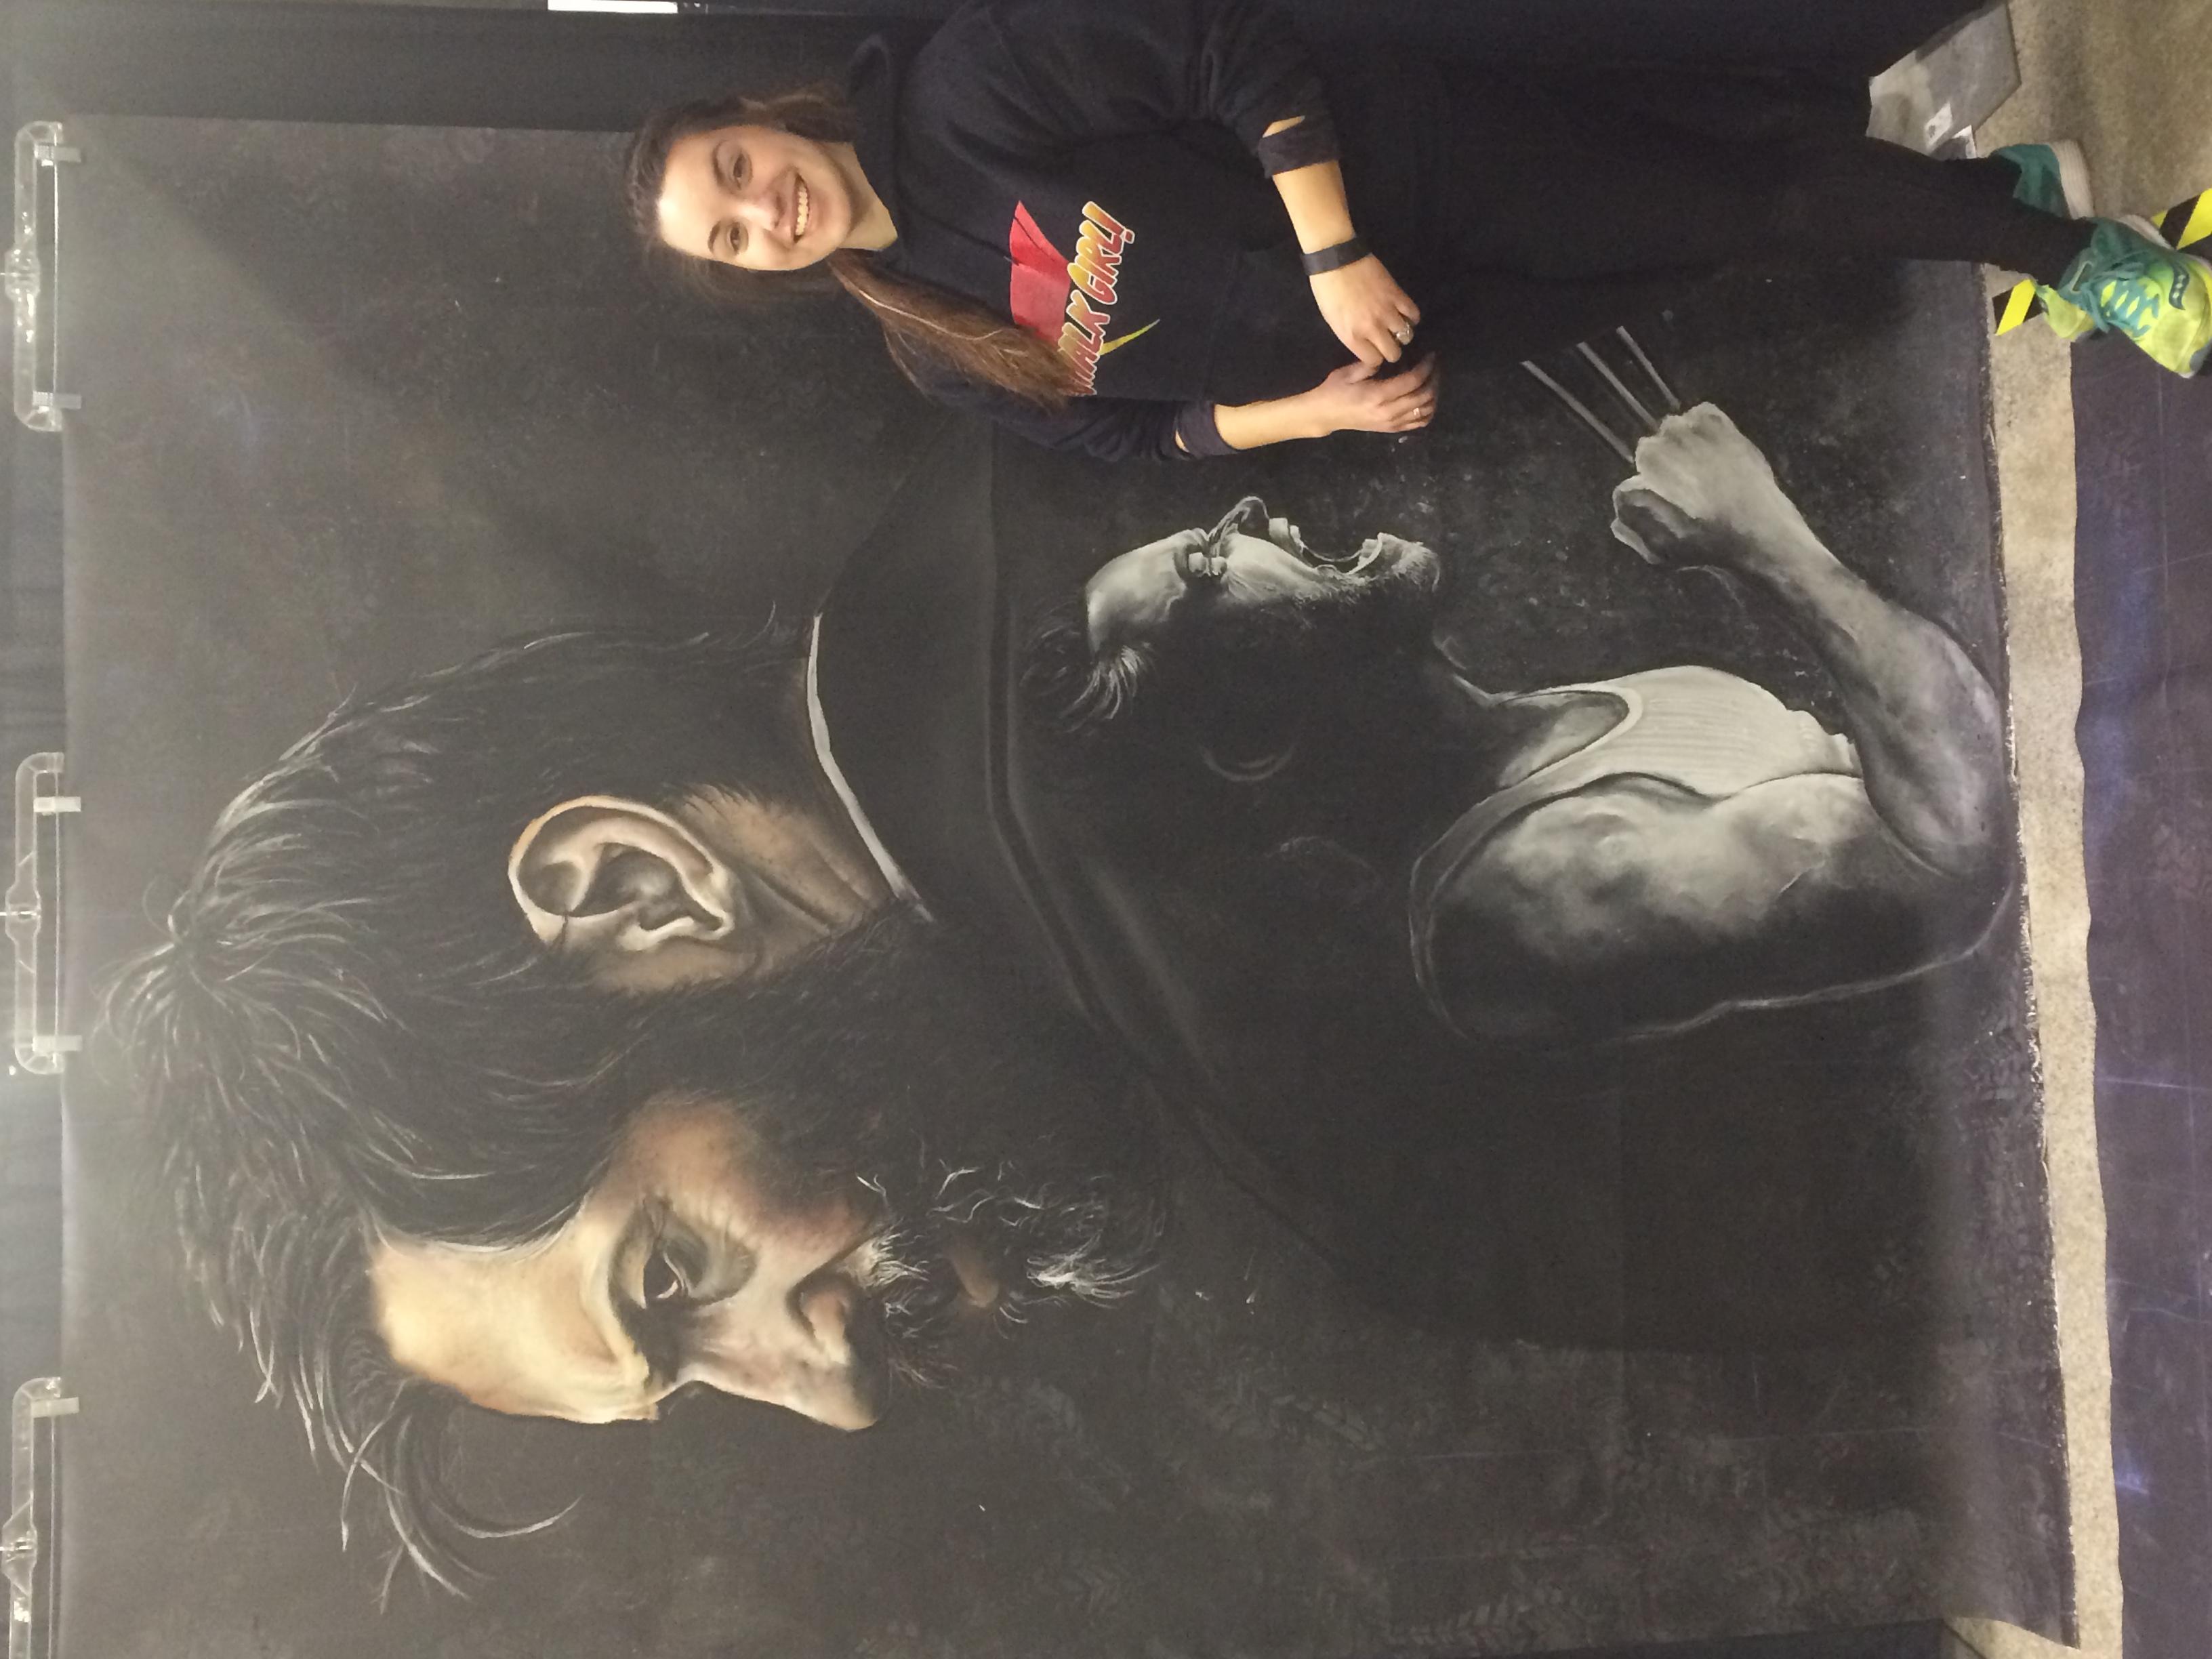 Logan & Wolverine